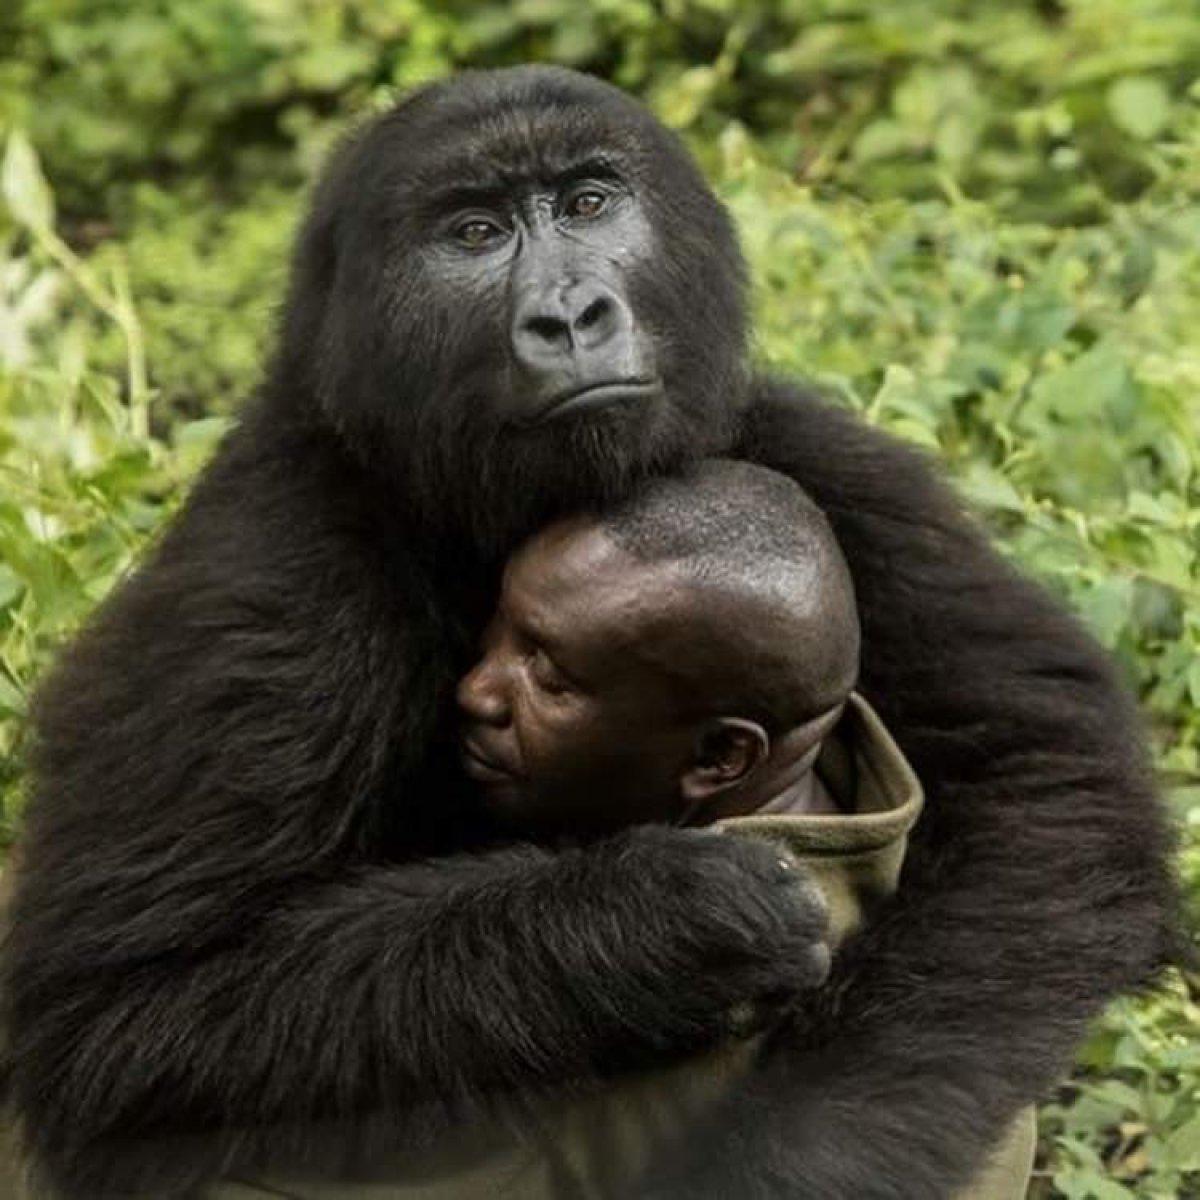 Bakıcısıyla çektirdiği selfie yle tanınan Ndakasi hayatını kaybetti #3